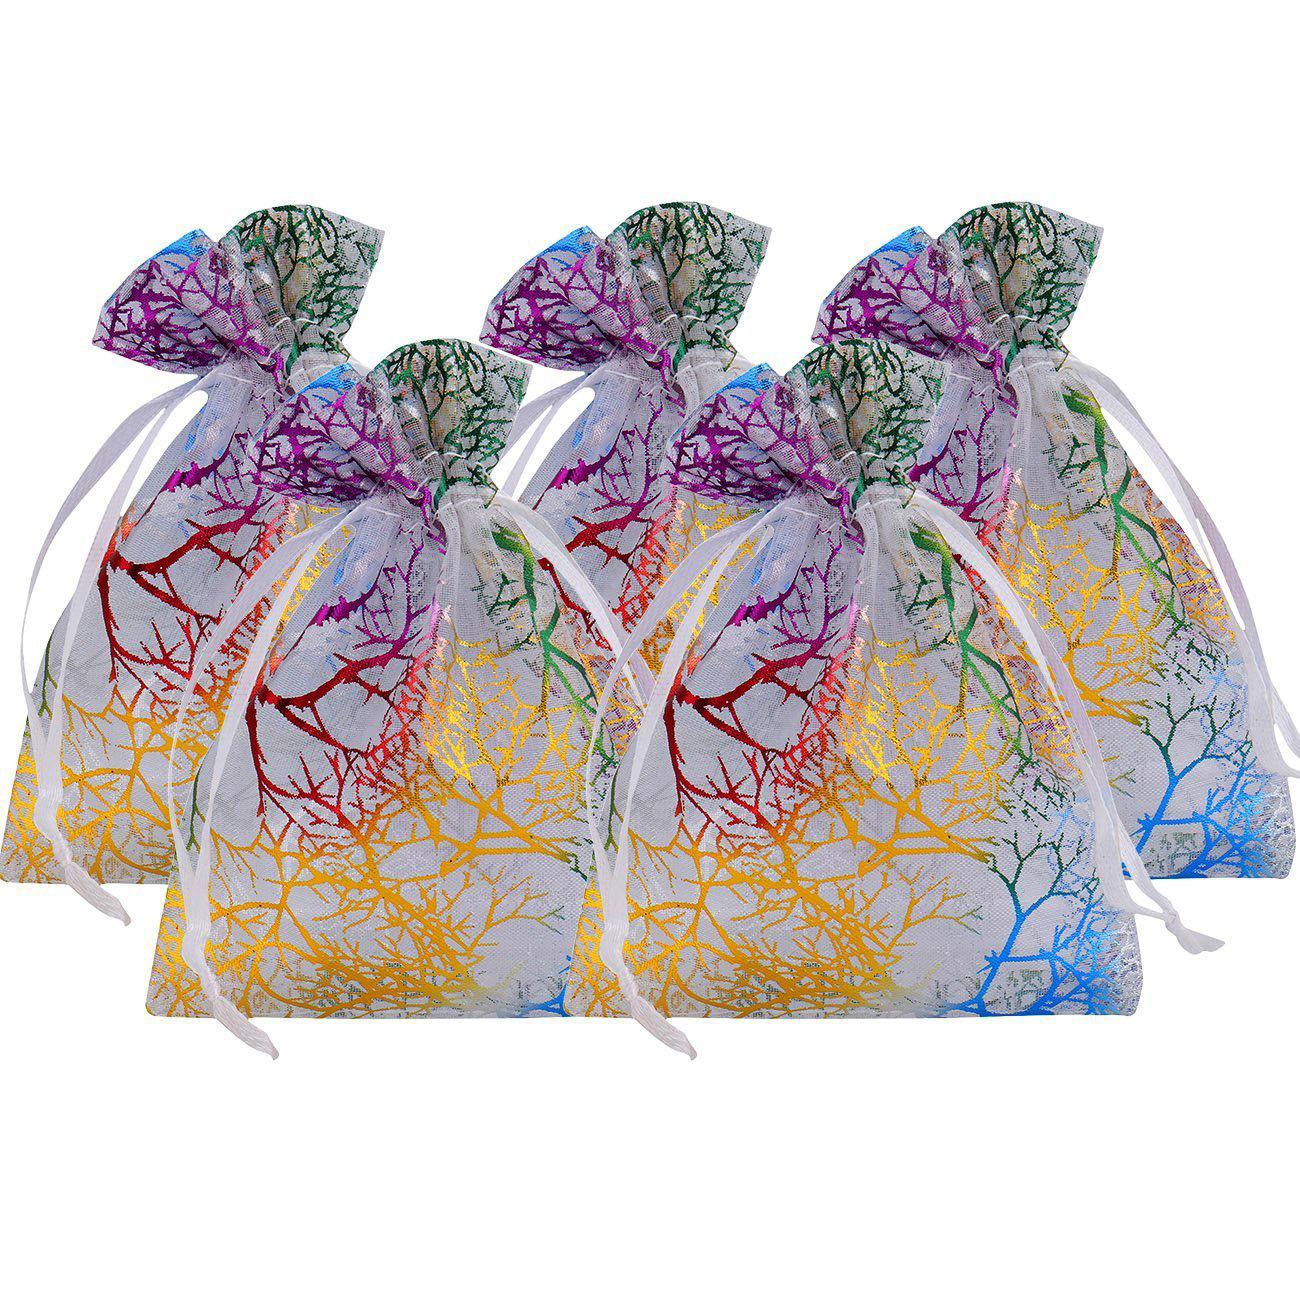 LANWAY LUCKY Túi đựng trang sức Túi quà tặng nhiều màu sắc san hô nhiều màu sắc / túi trang sức quà